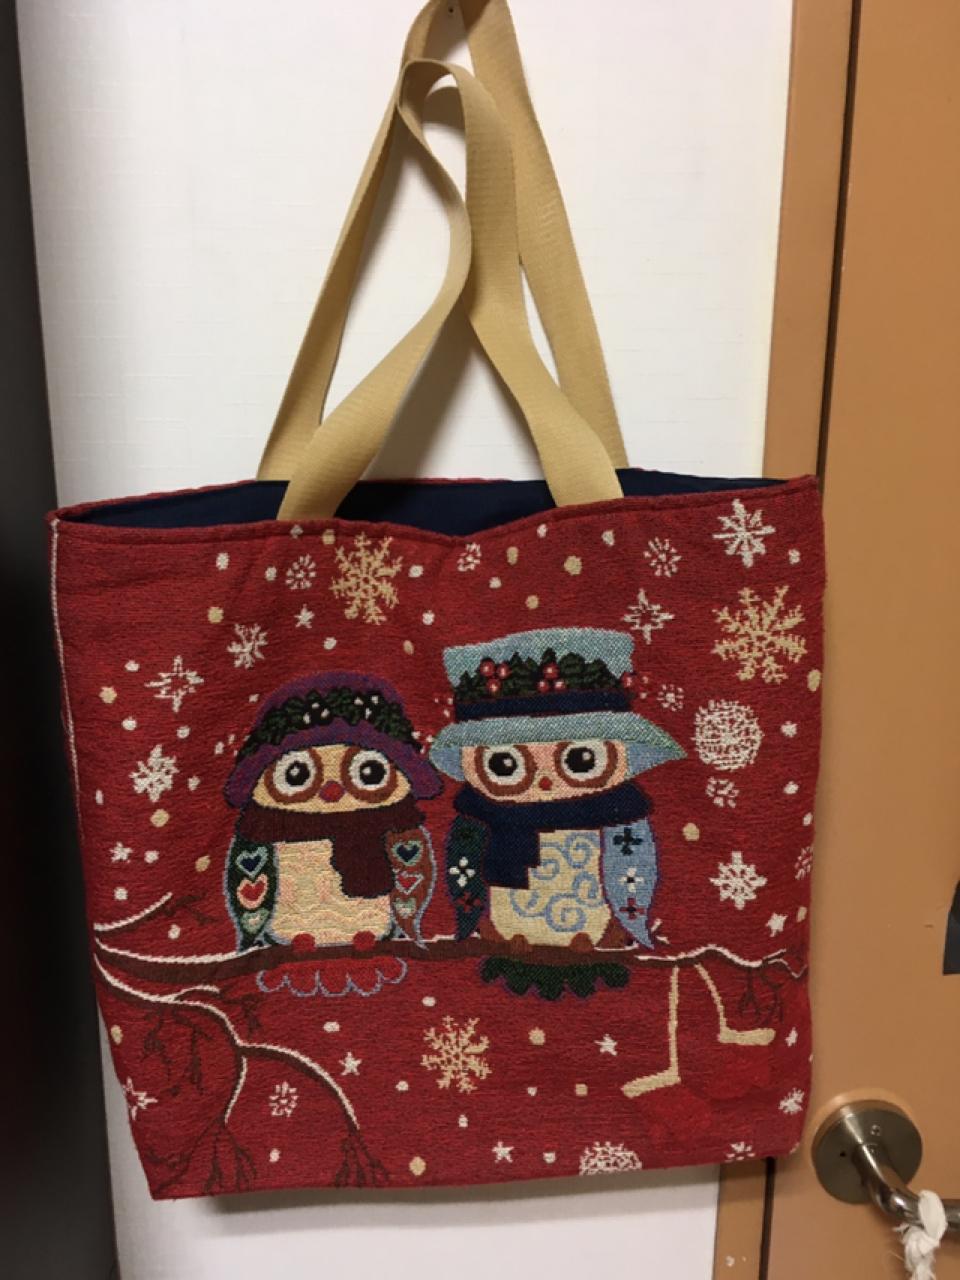 빅백 레드 천가방 기저귀 가방 숄더백 큰 가방 에코백